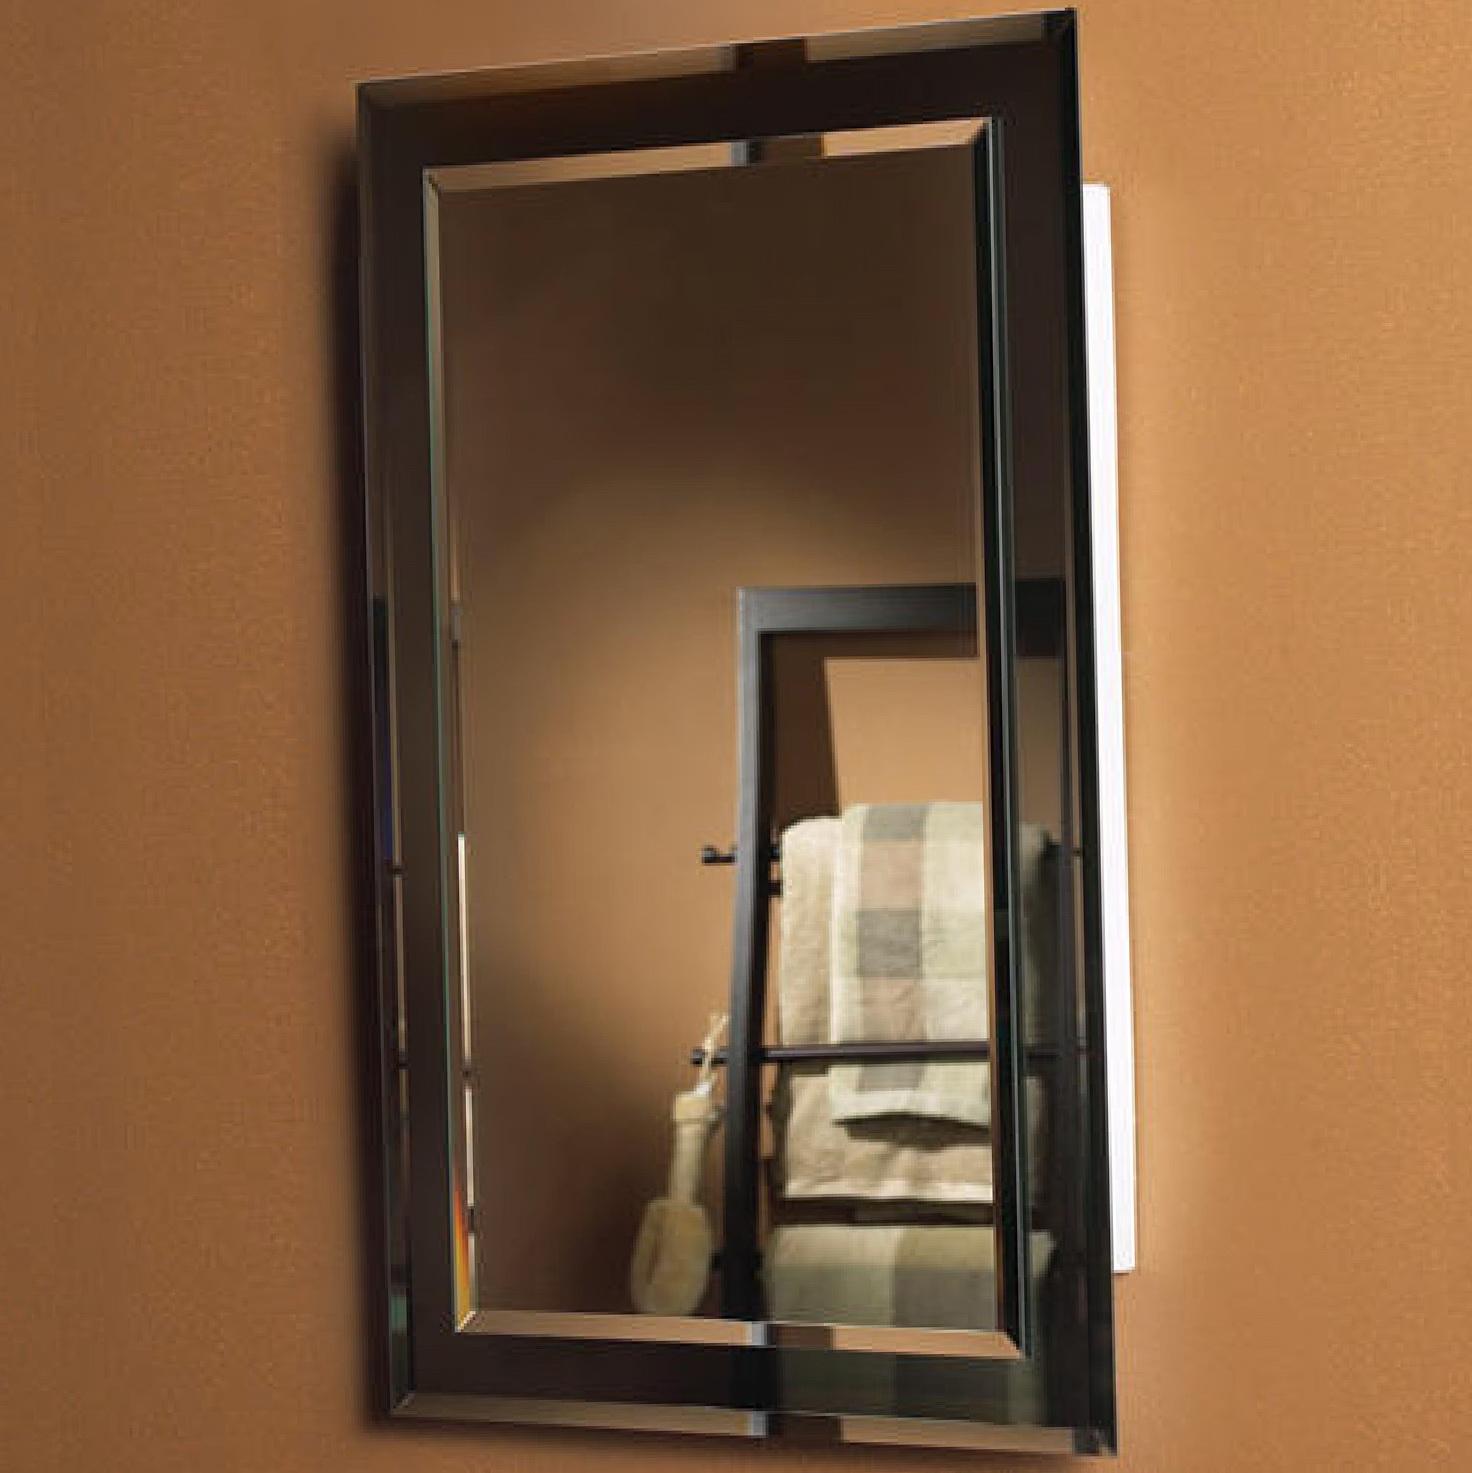 Bathroom Mirror Cabinets Recessed